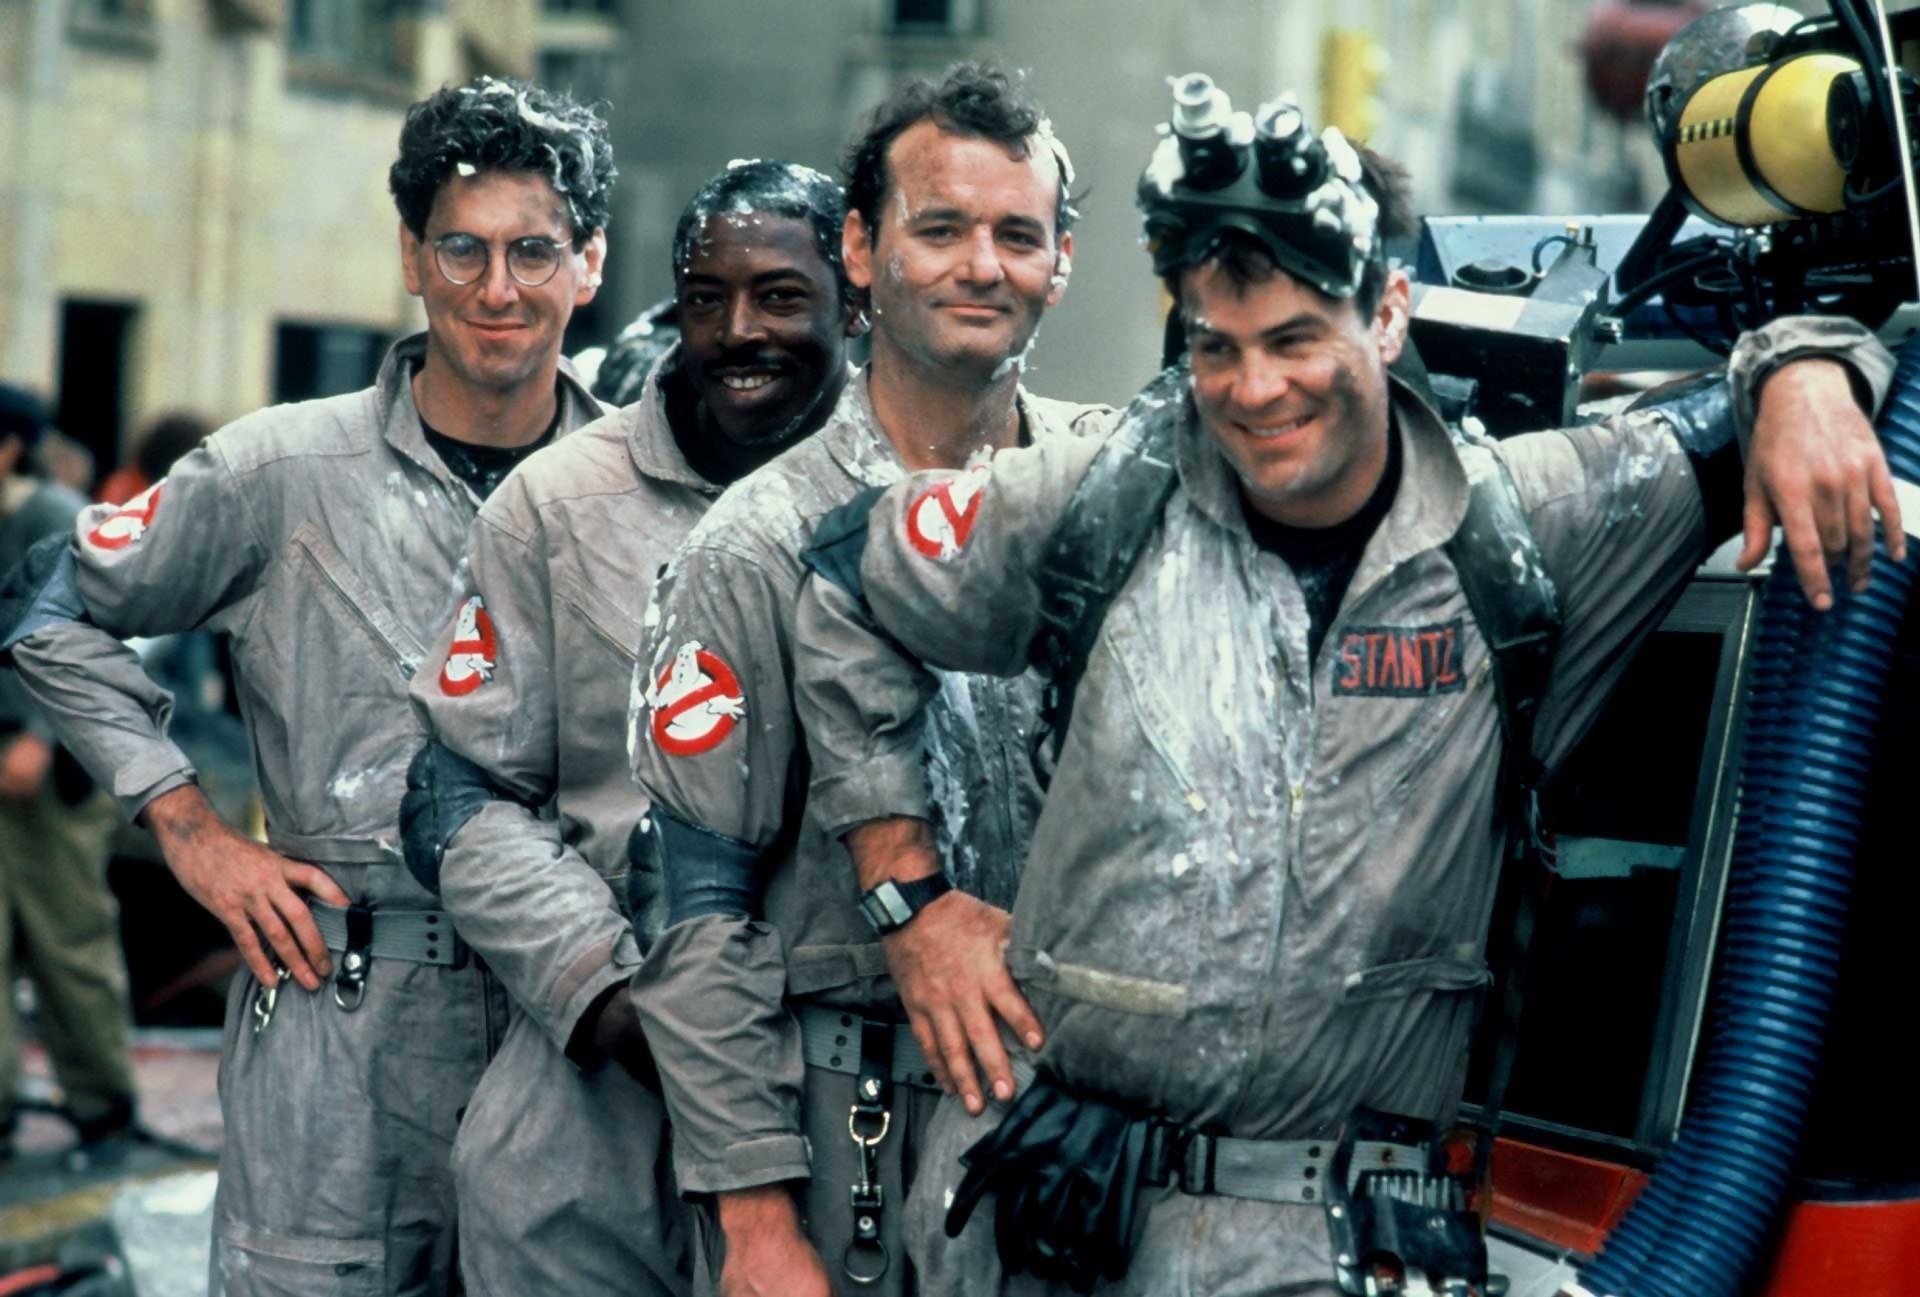 C'est officiel, il y aura un Ghostbusters 3 au cinéma !